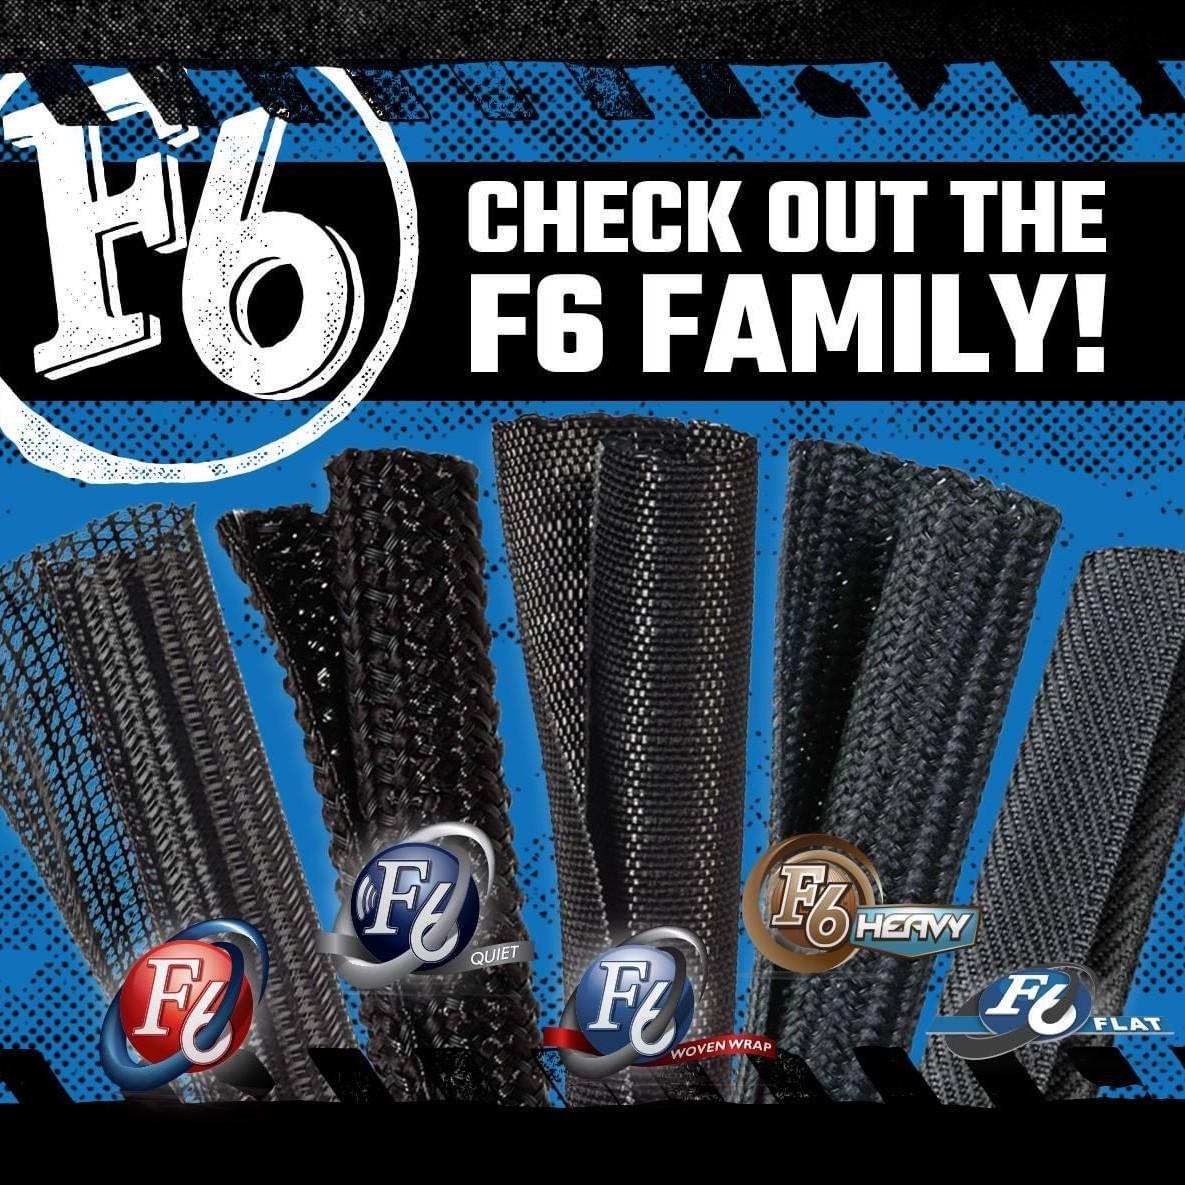 F6® FAMILY